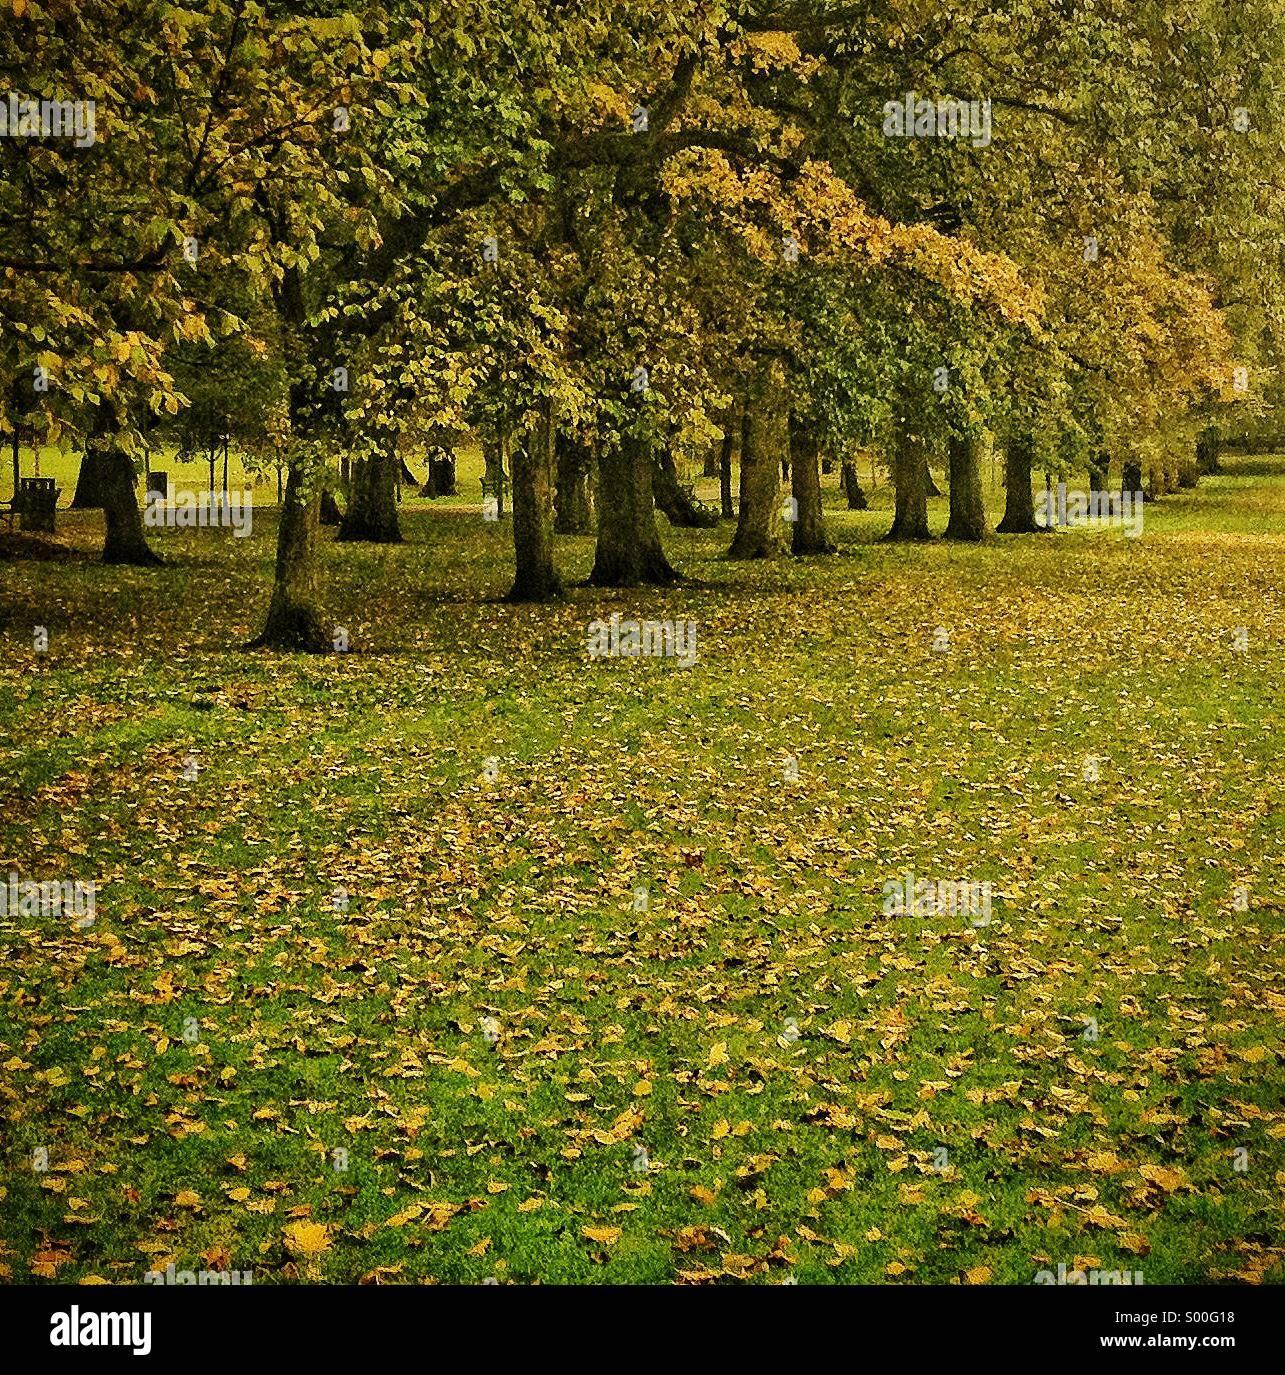 Bäumen gesäumten Pfad im Herbst, Edinburgh, UK Stockbild